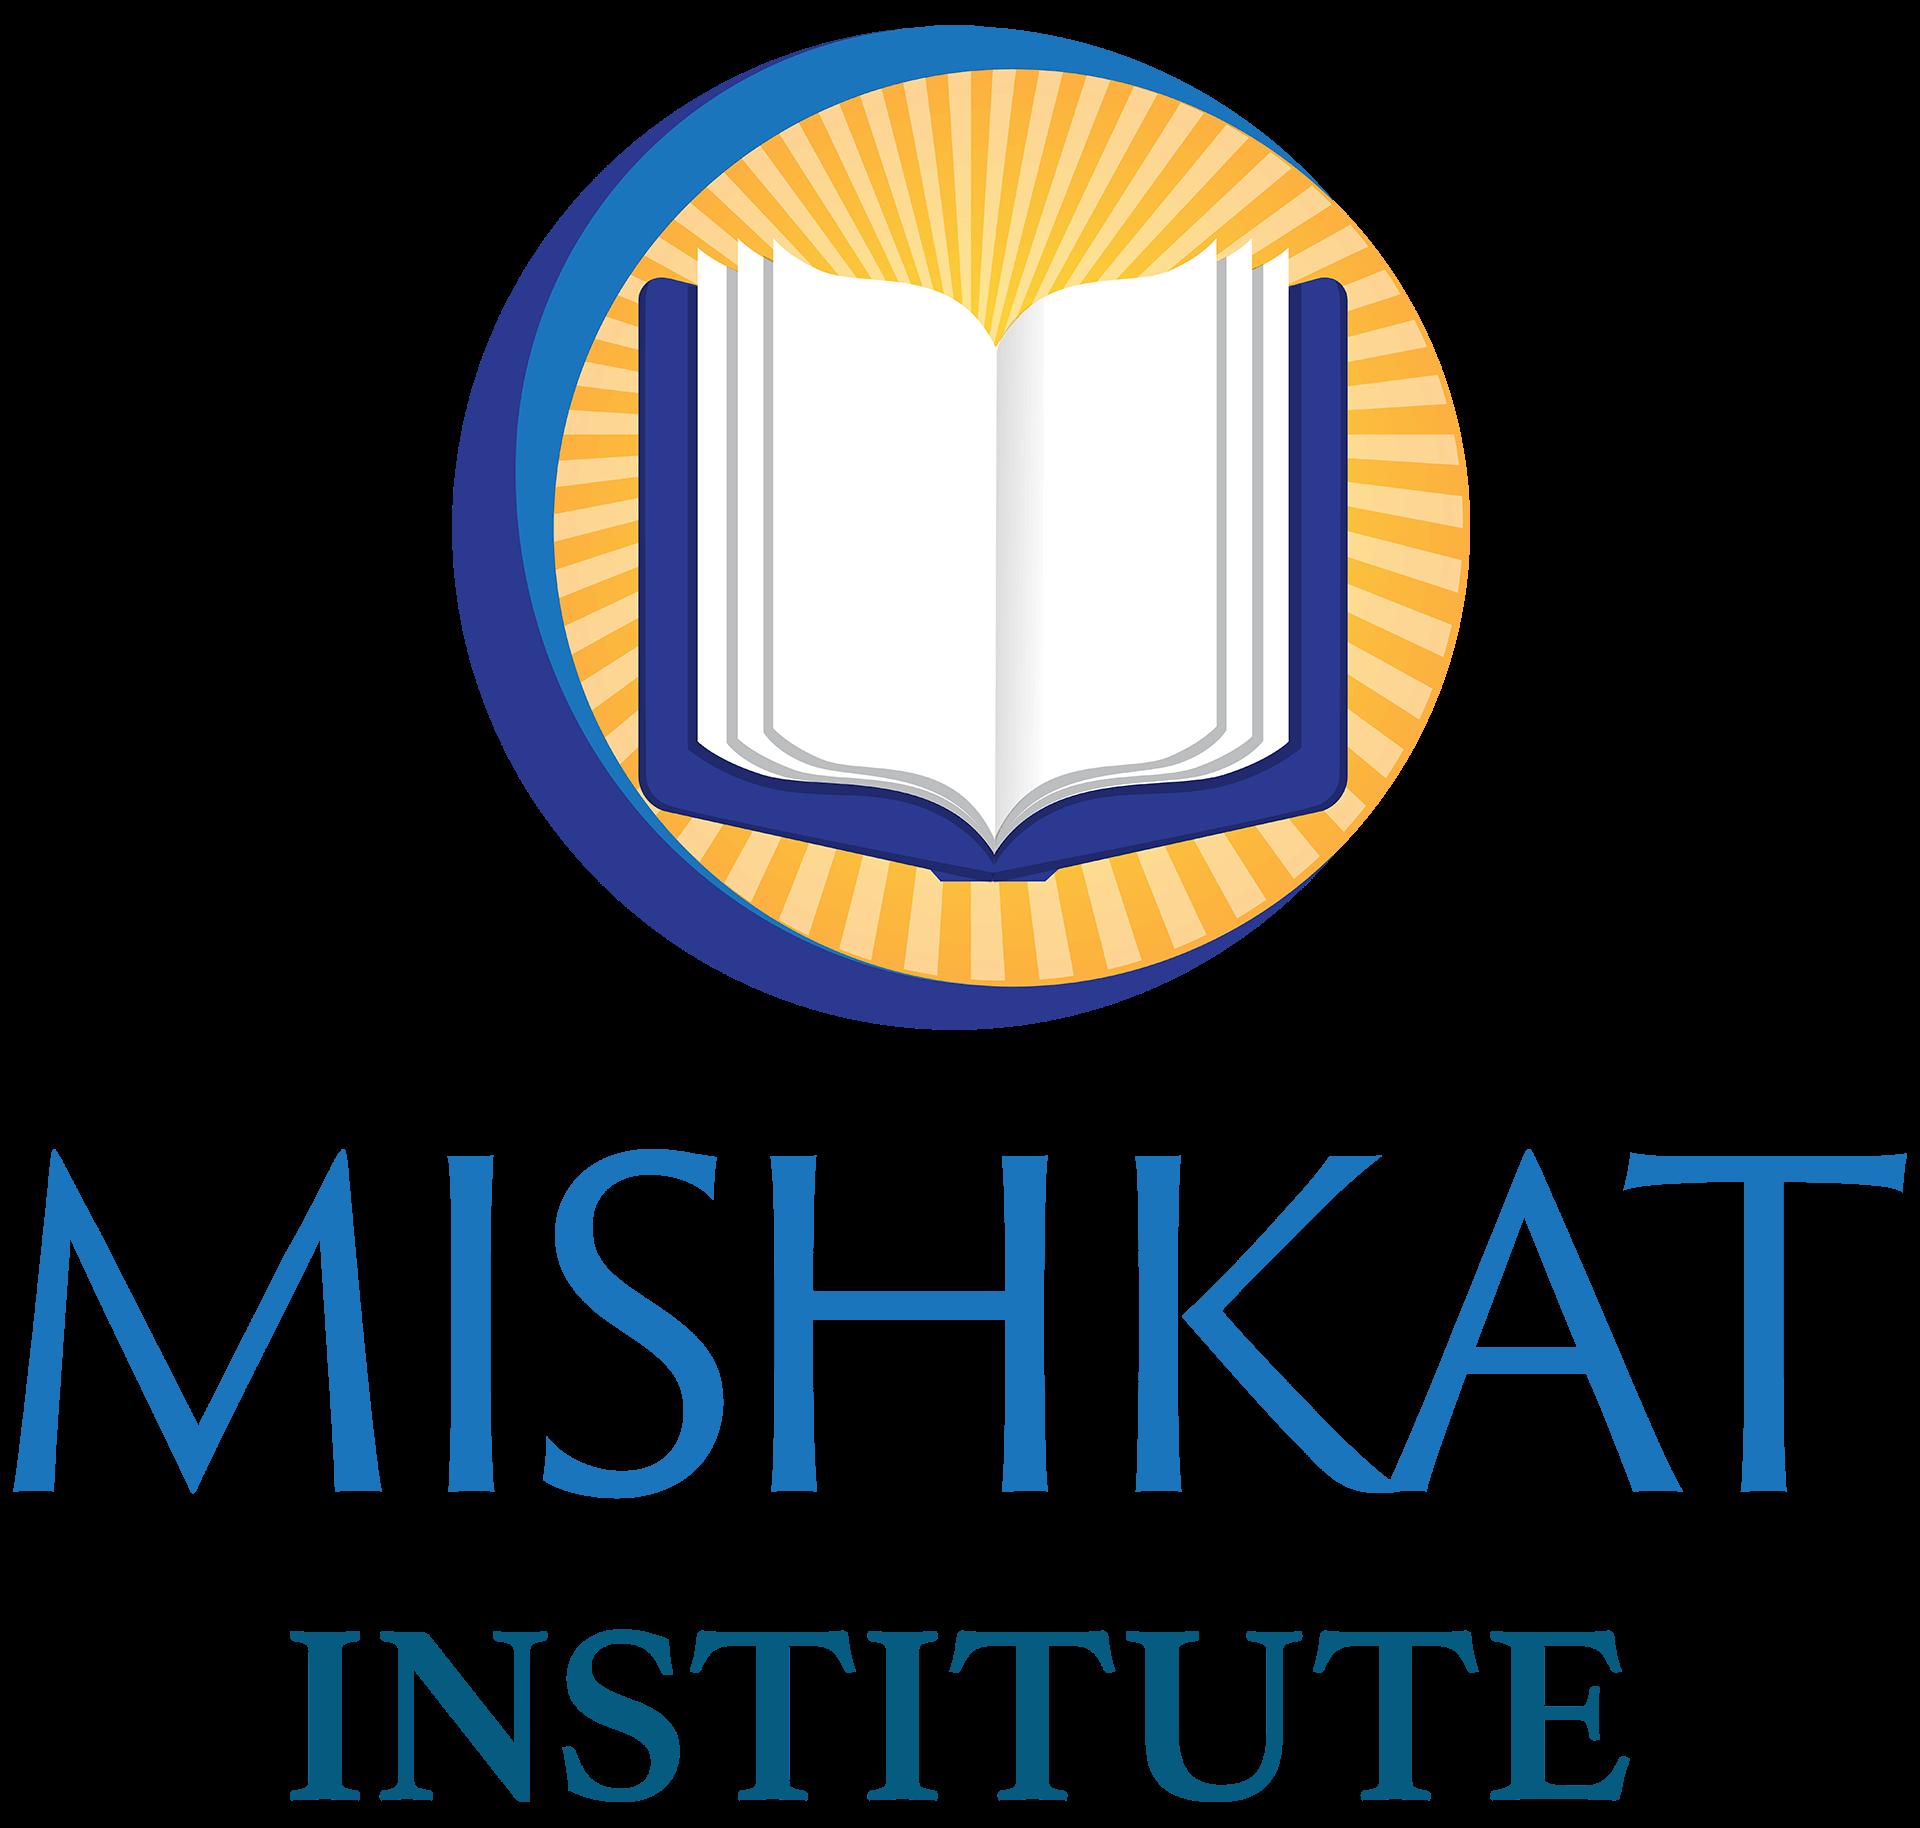 Mishkat Institute islamic school